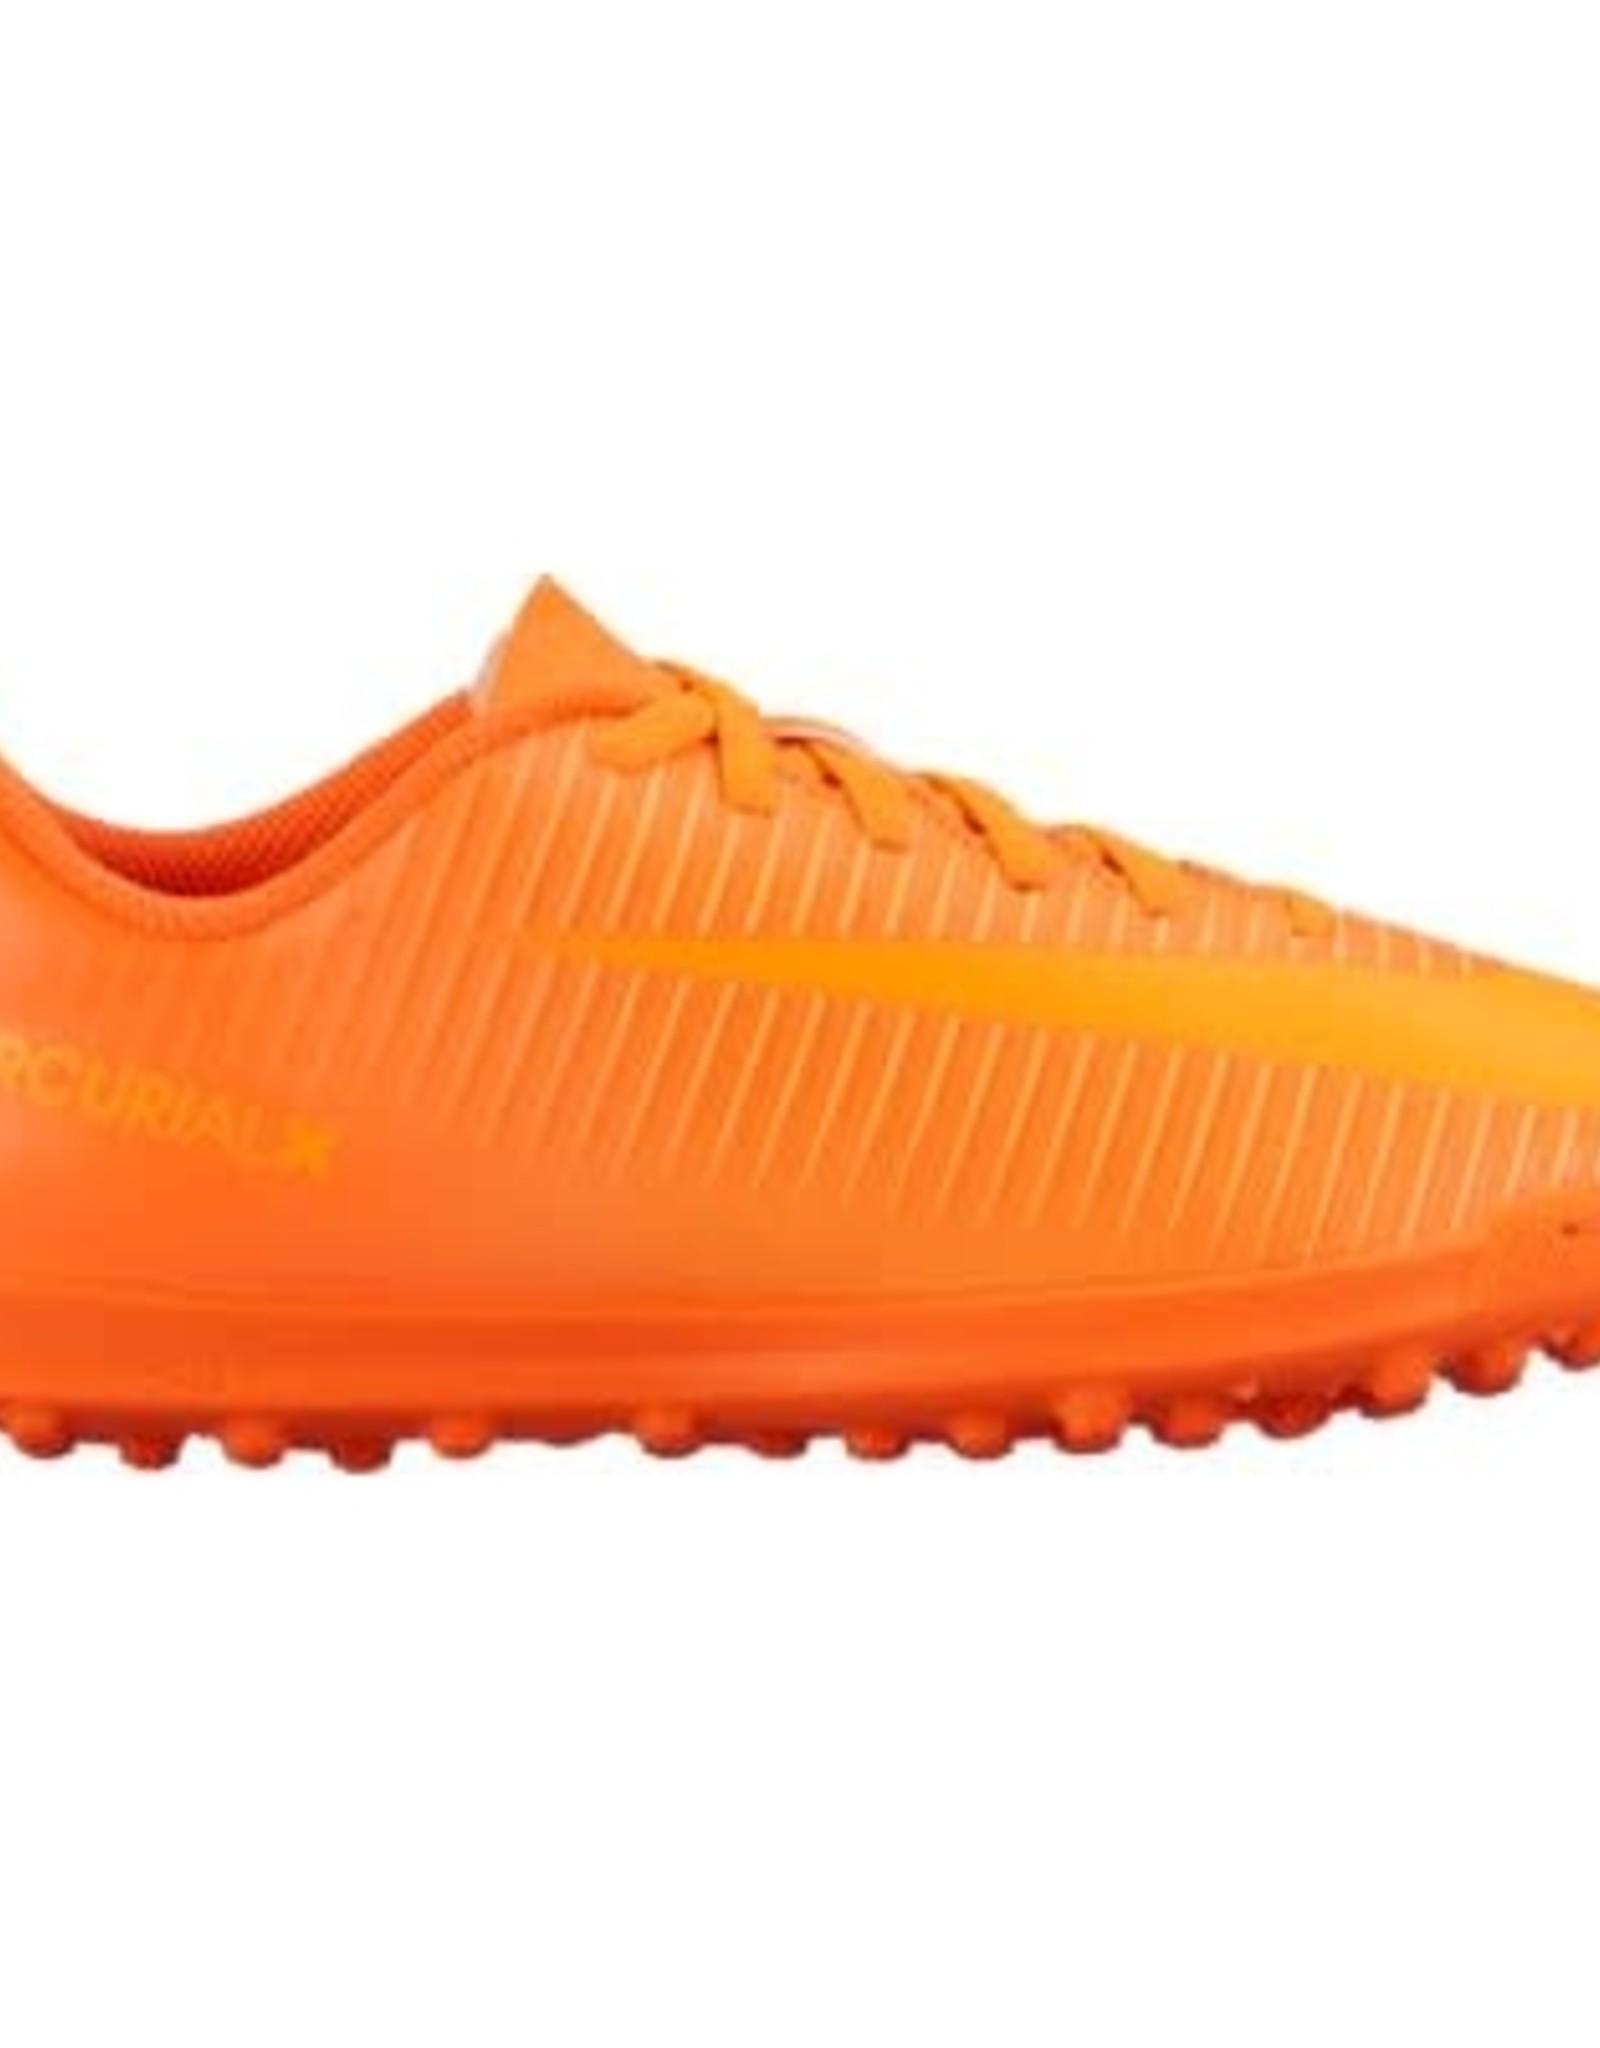 Nike Nike Mercurial X Vortex III Turf Yough